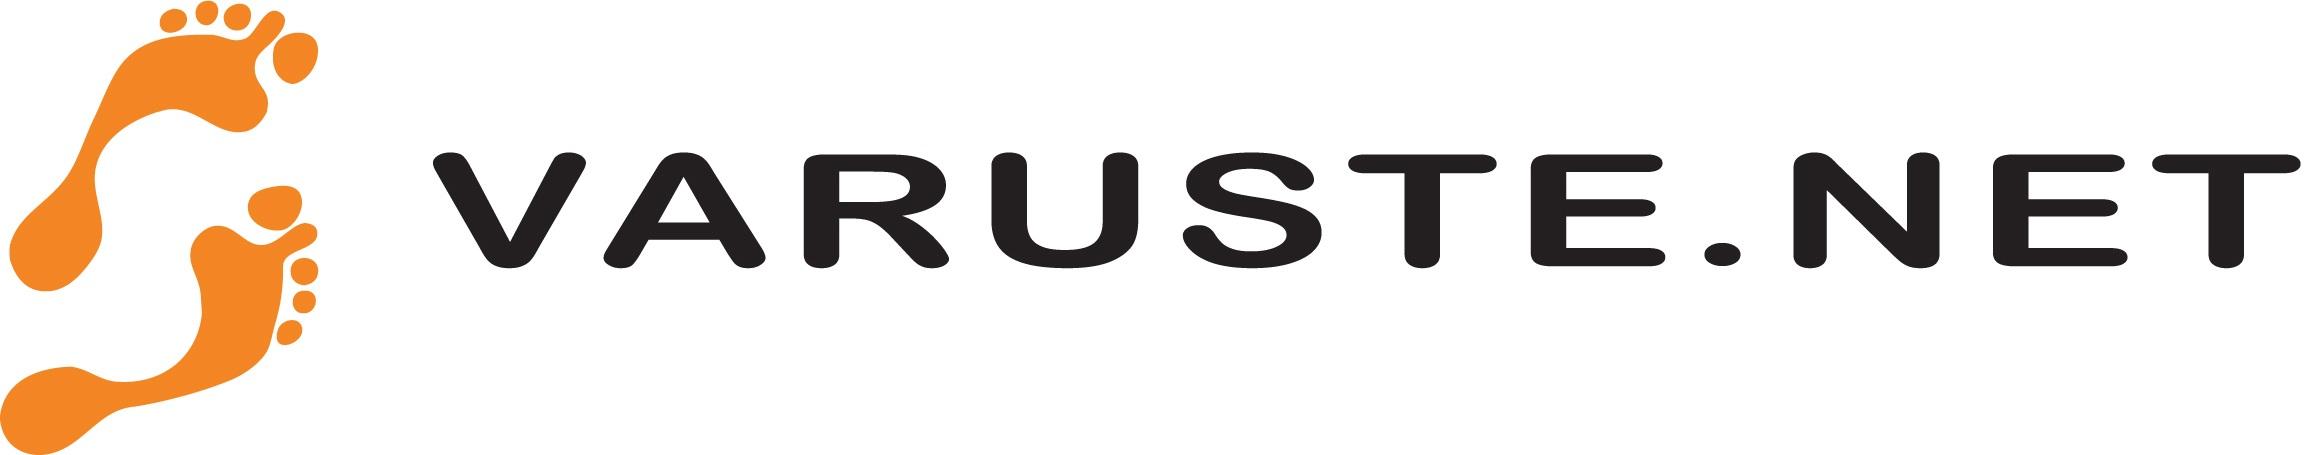 Varuste.net-logo